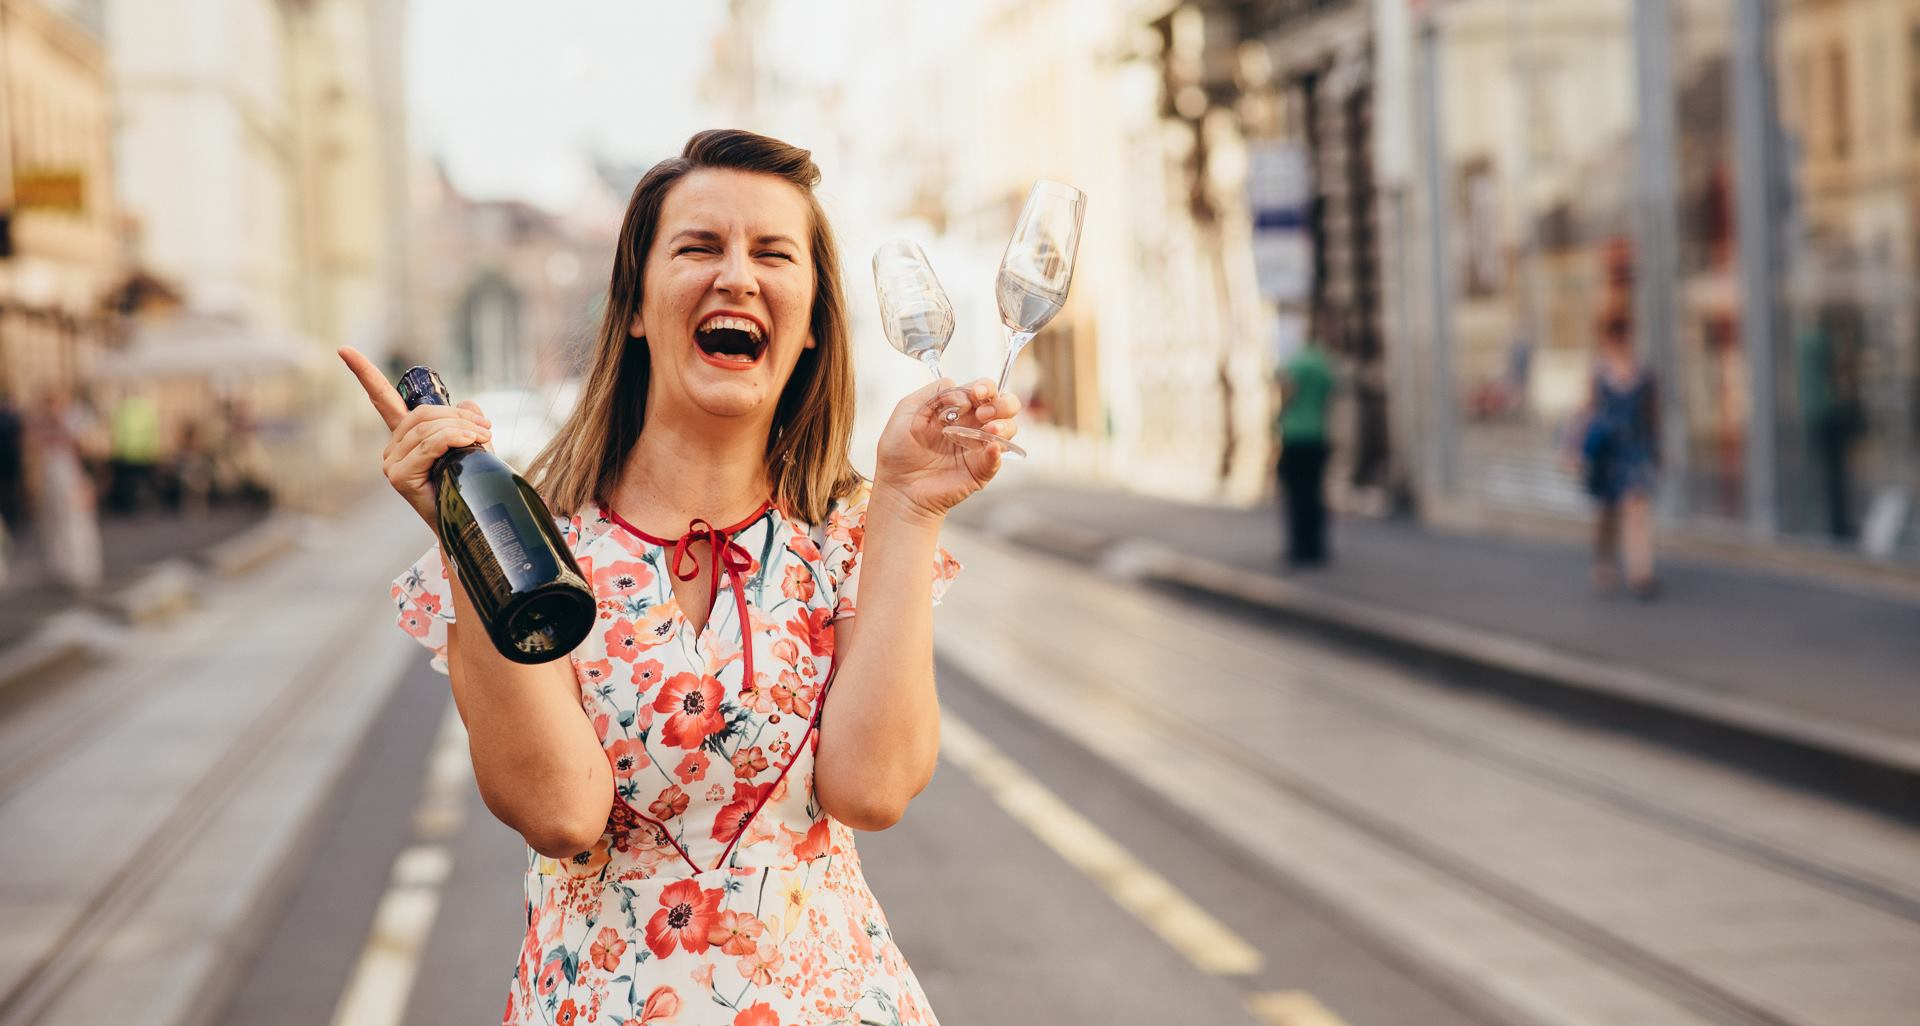 PUPITRES BAR Jelena Šimić Valentić otvara zagrebački konceptualni boutique vinske kulture u rujnu